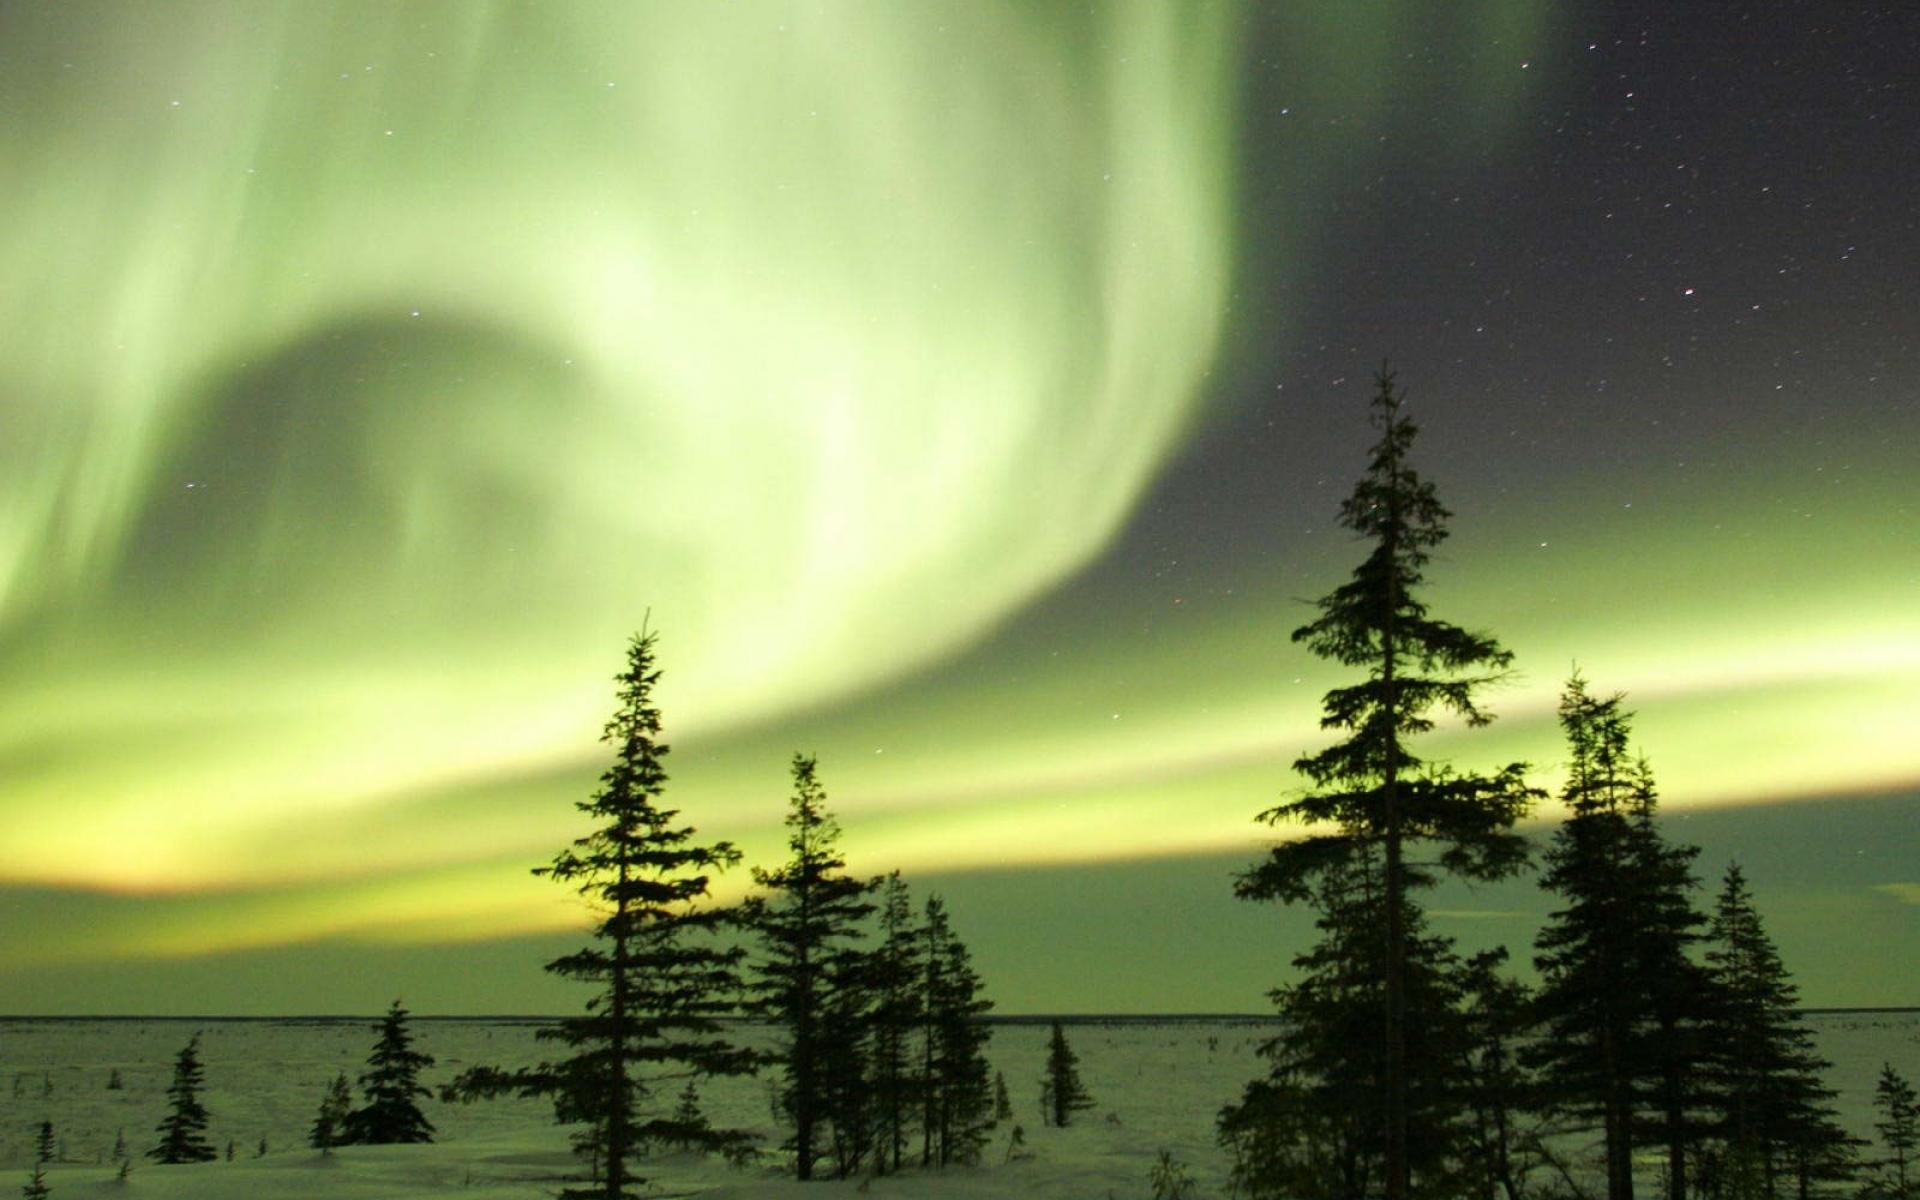 Картинки Ночь, деревья, небо, полярные огни фото и обои на рабочий стол